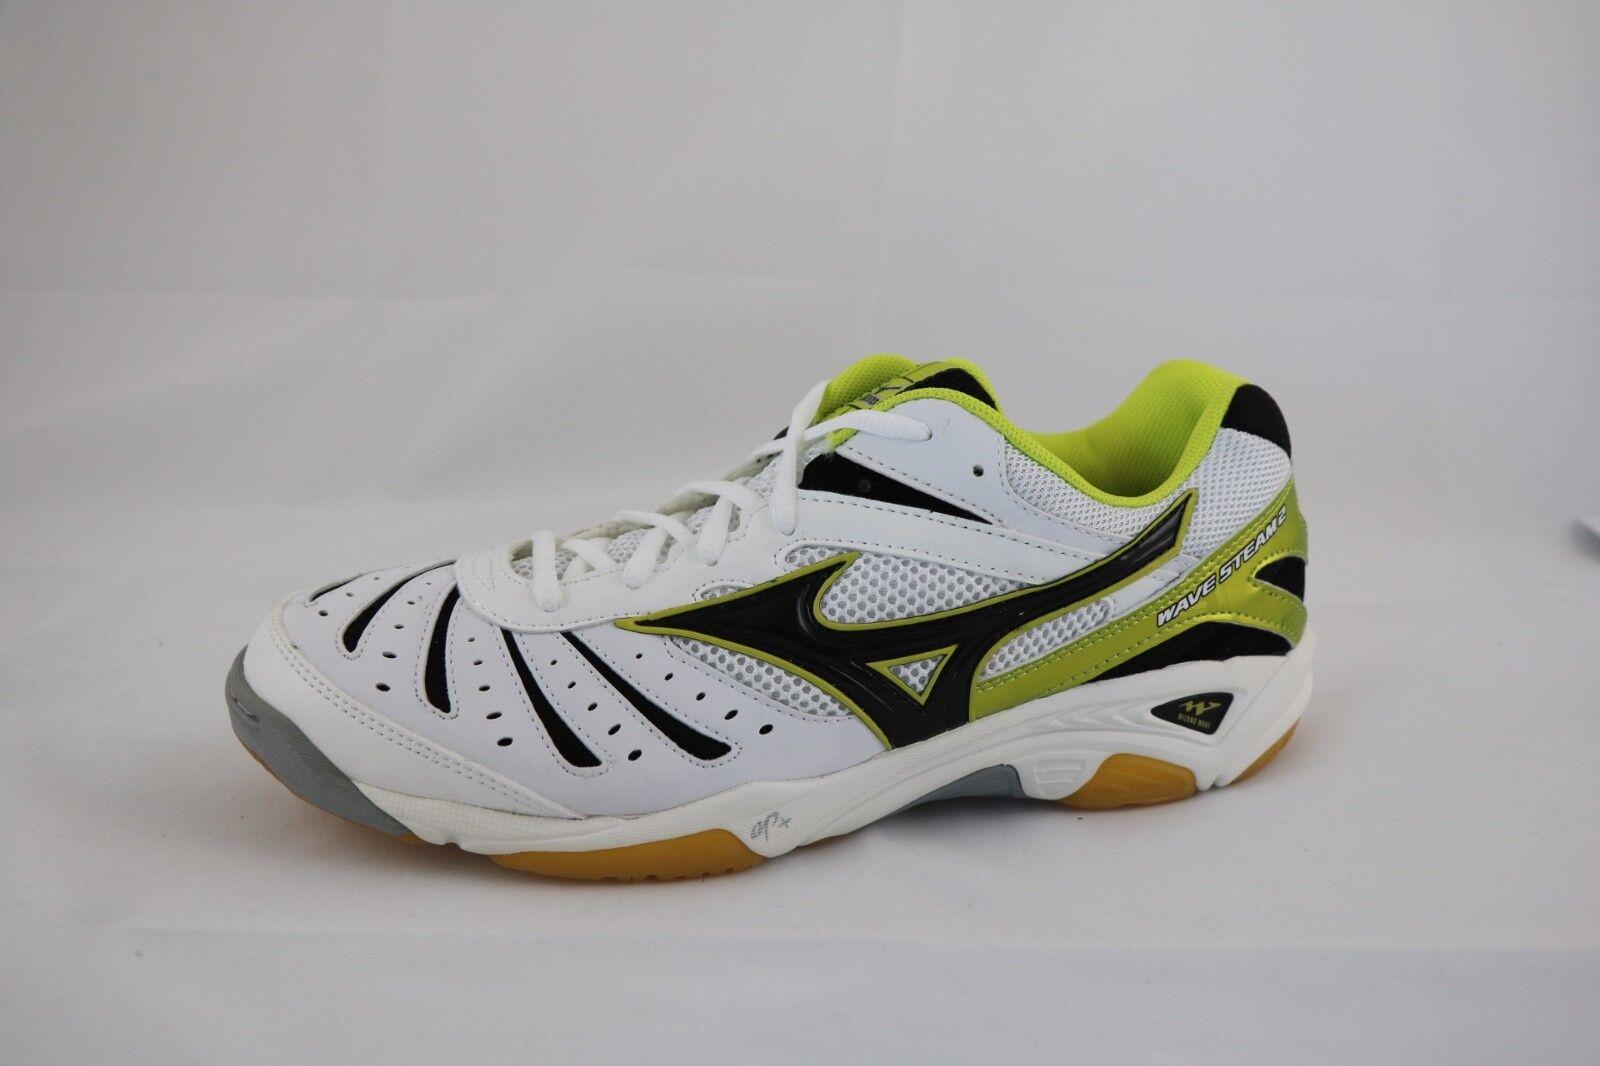 Mizuno Herren Wave Shadow 3 Turnschuhe Laufschuhe Sport Sneaker Schuhe Schwarz